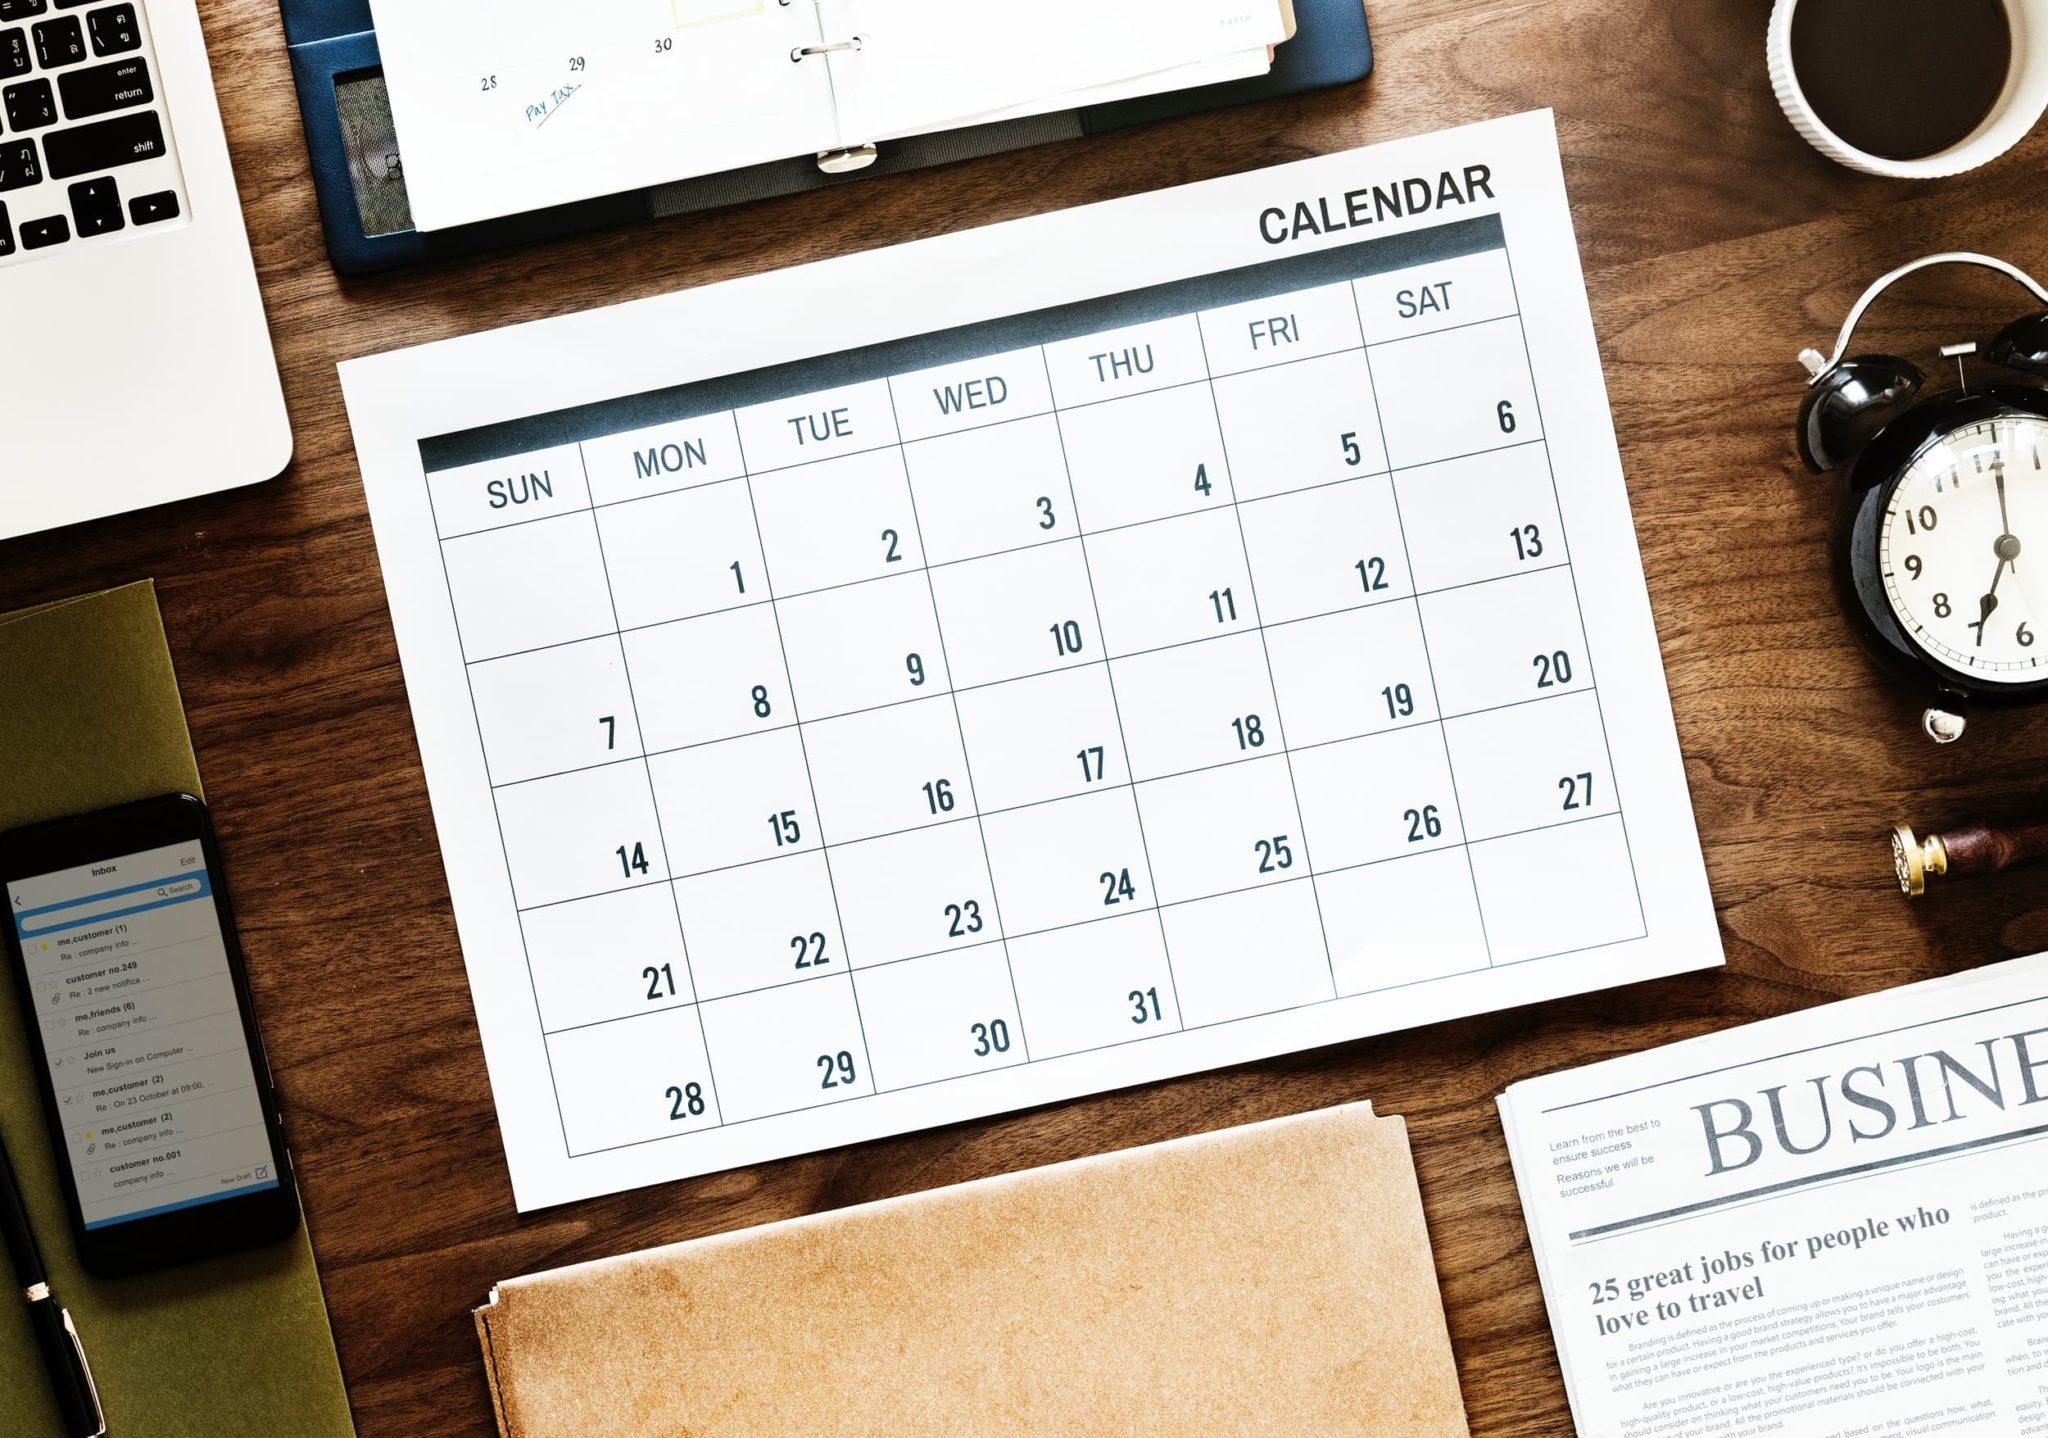 Valentino-Macri-Calendario-editoriale-strategia-di-content-marketing